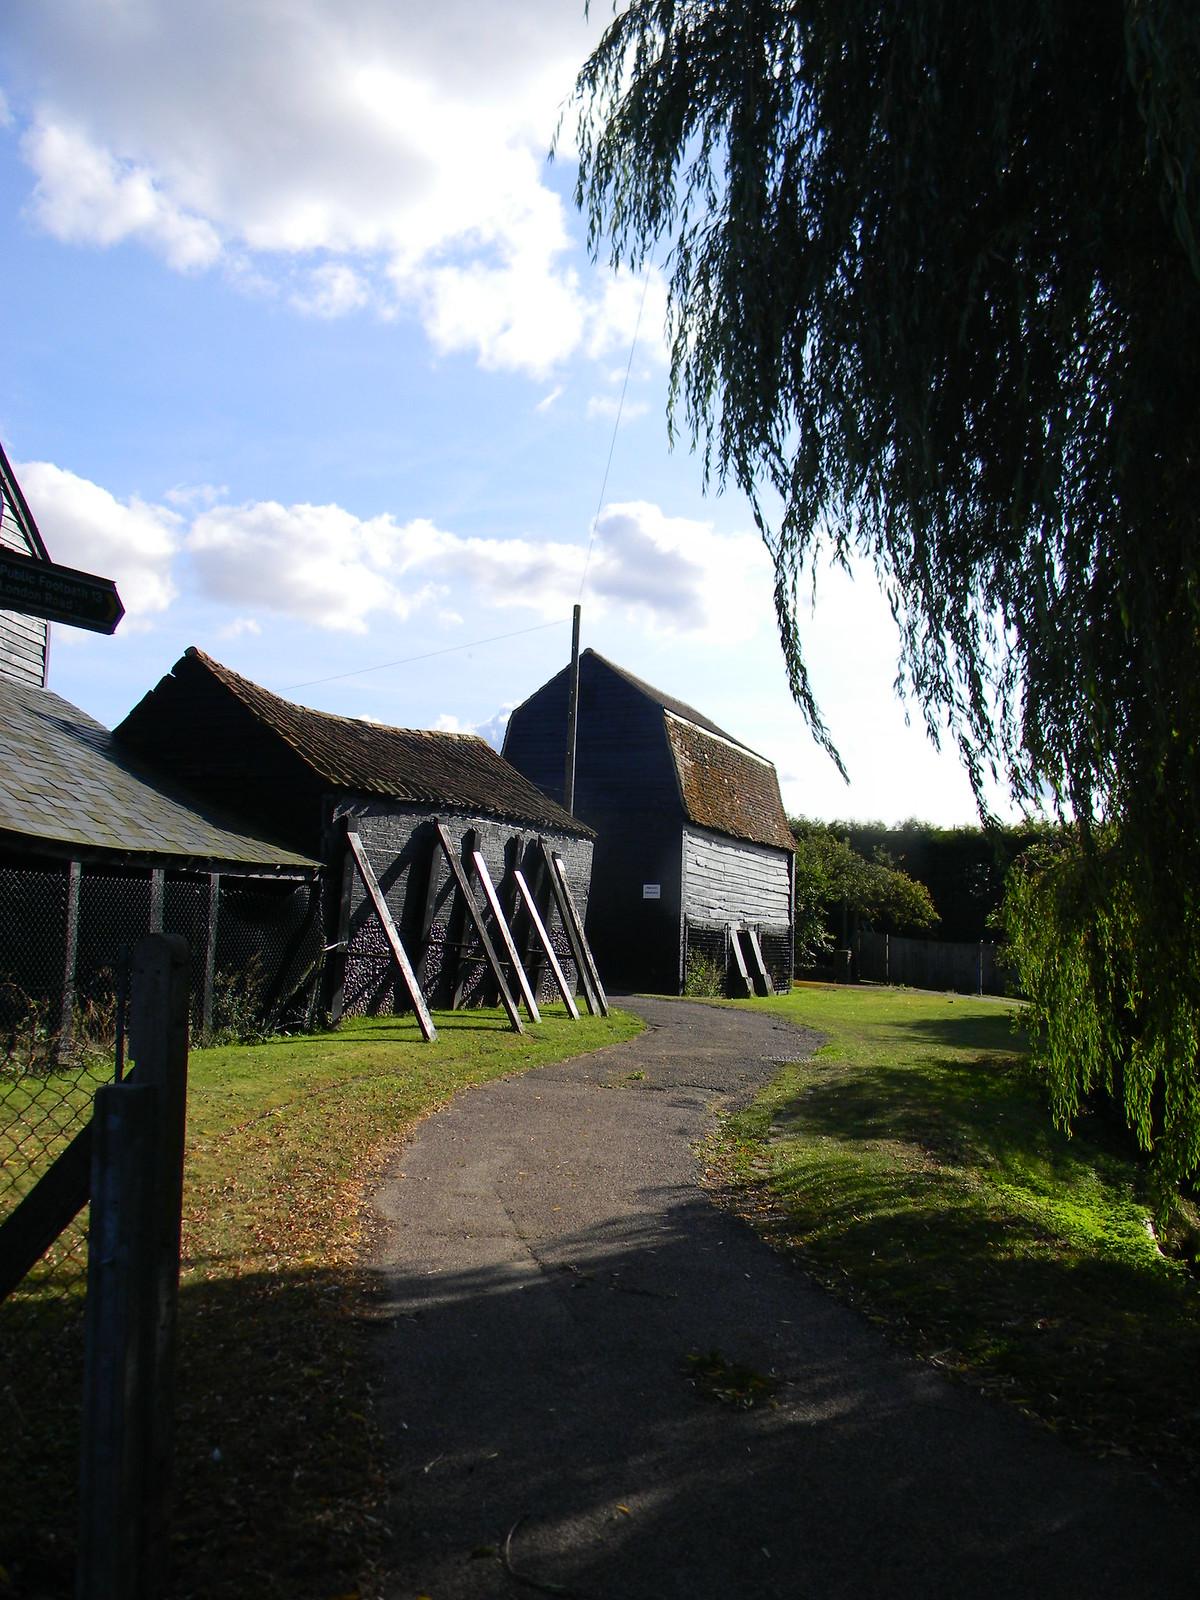 propped up buildings, Sawbridgeworth Roydon to Sawbridgeworth